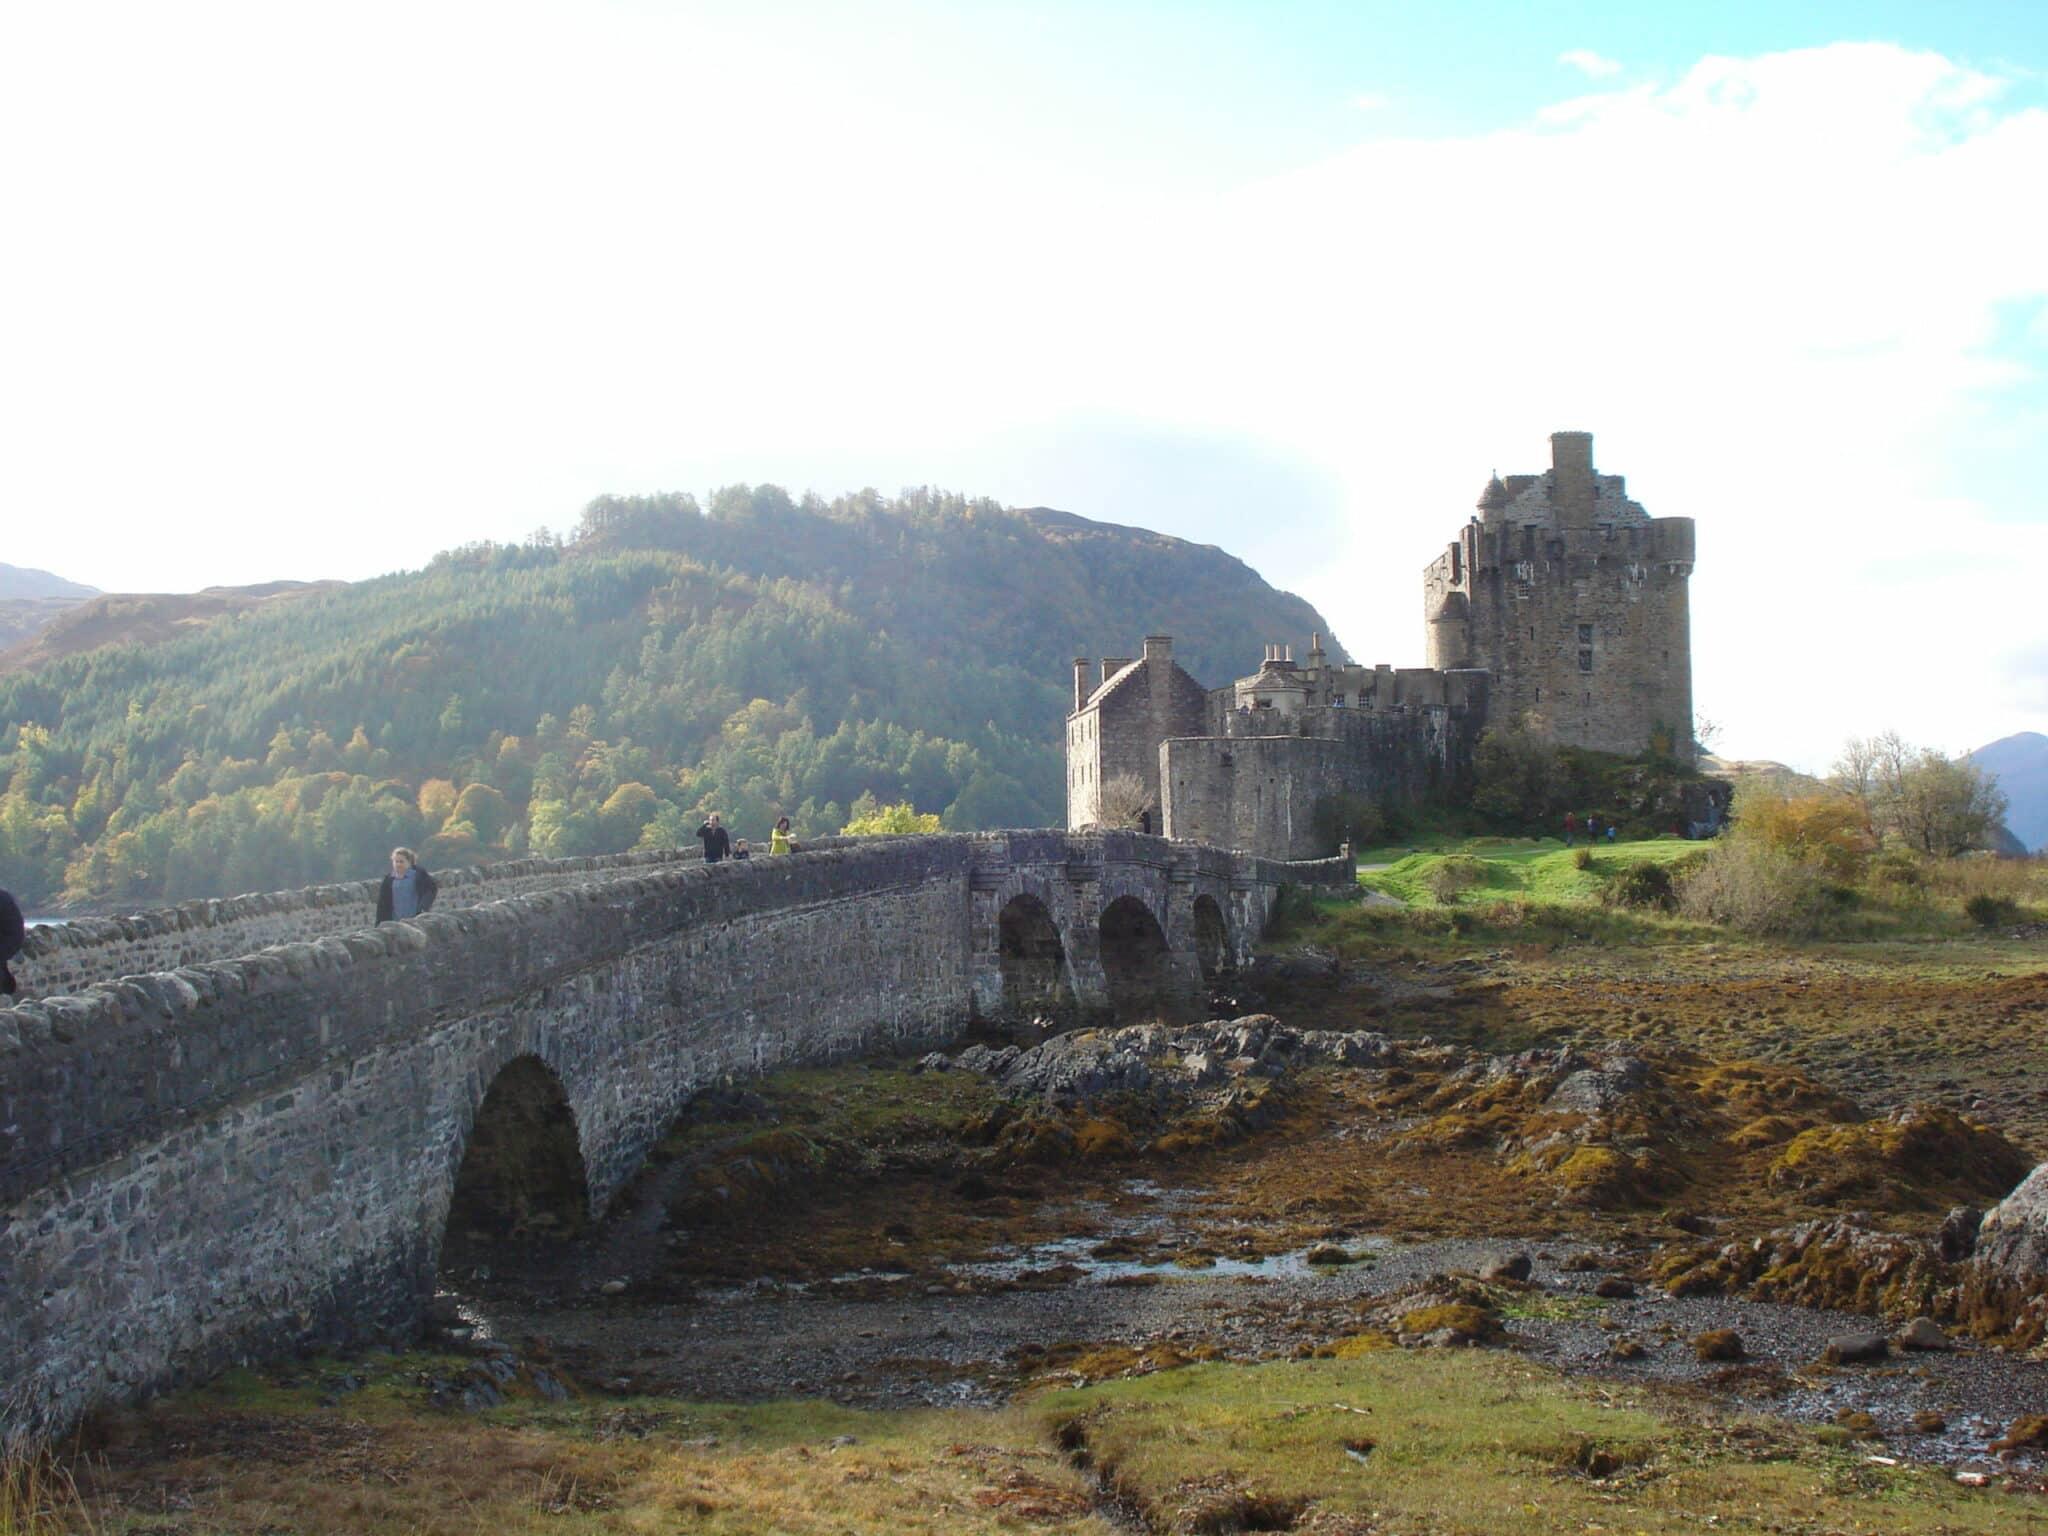 iconic.castle.picture copy